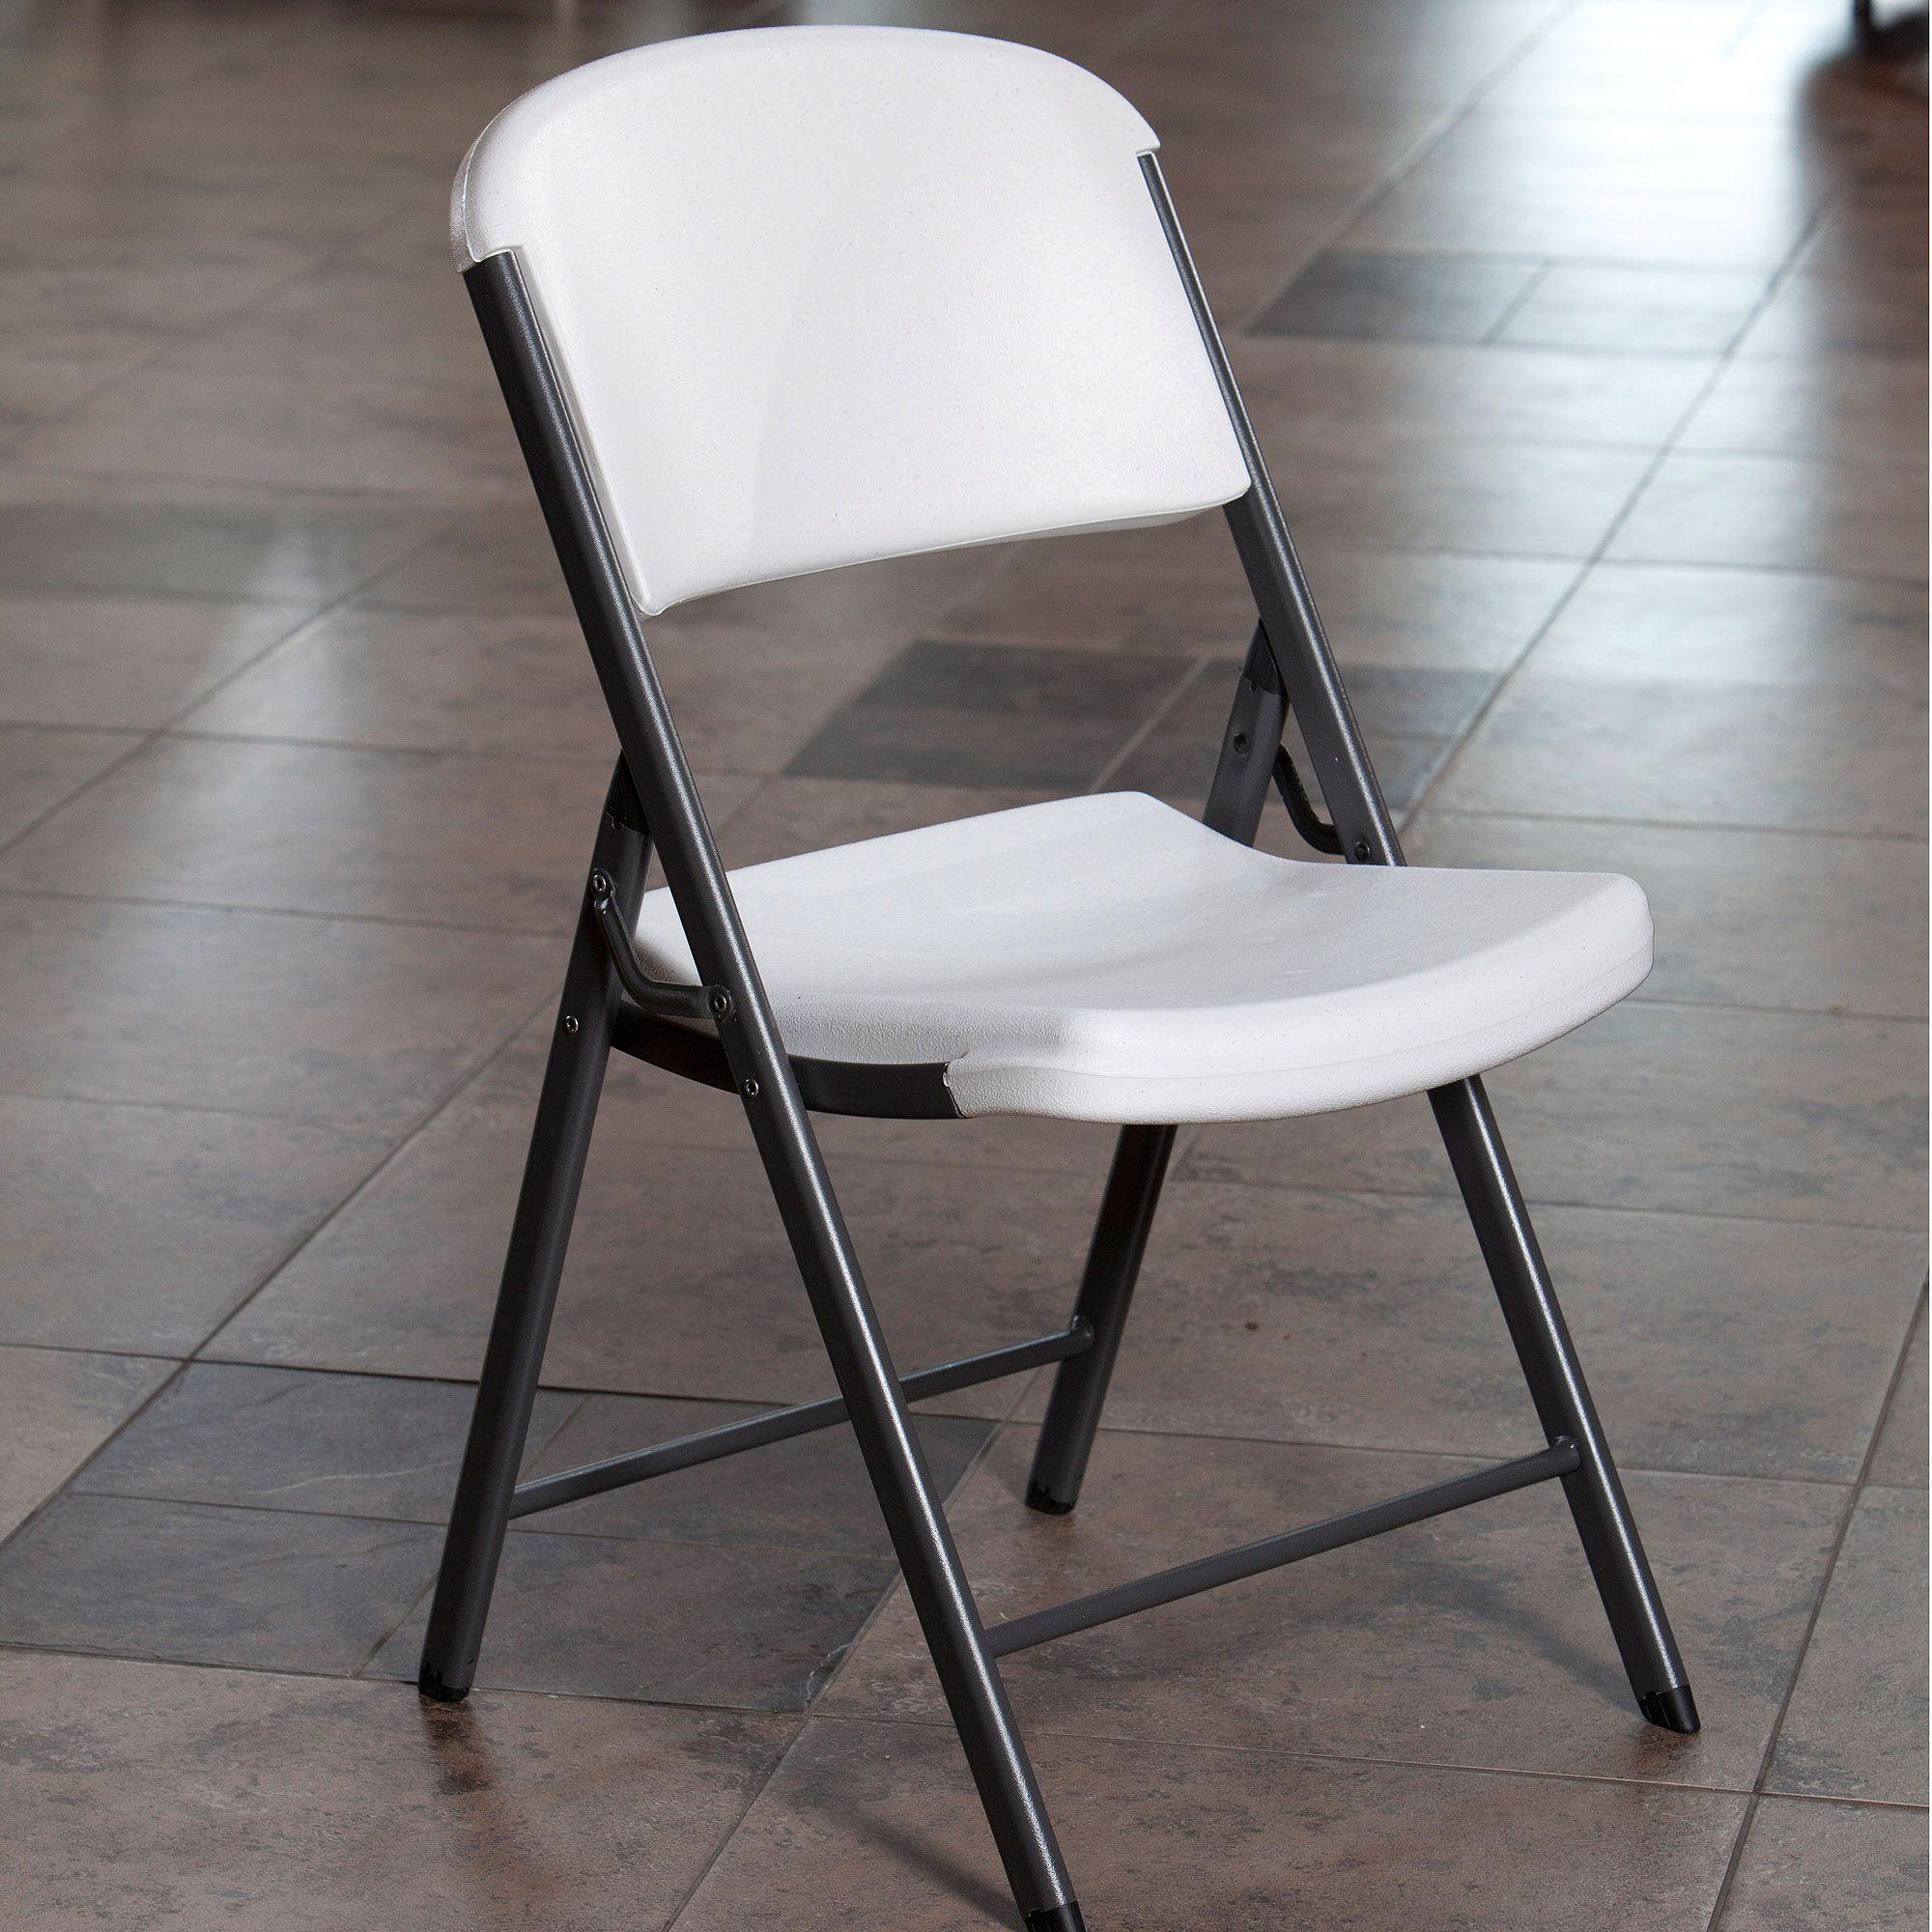 Rund Klappstuhl Weiss Klapptisch Und Stuhle Custom Klappstuhle